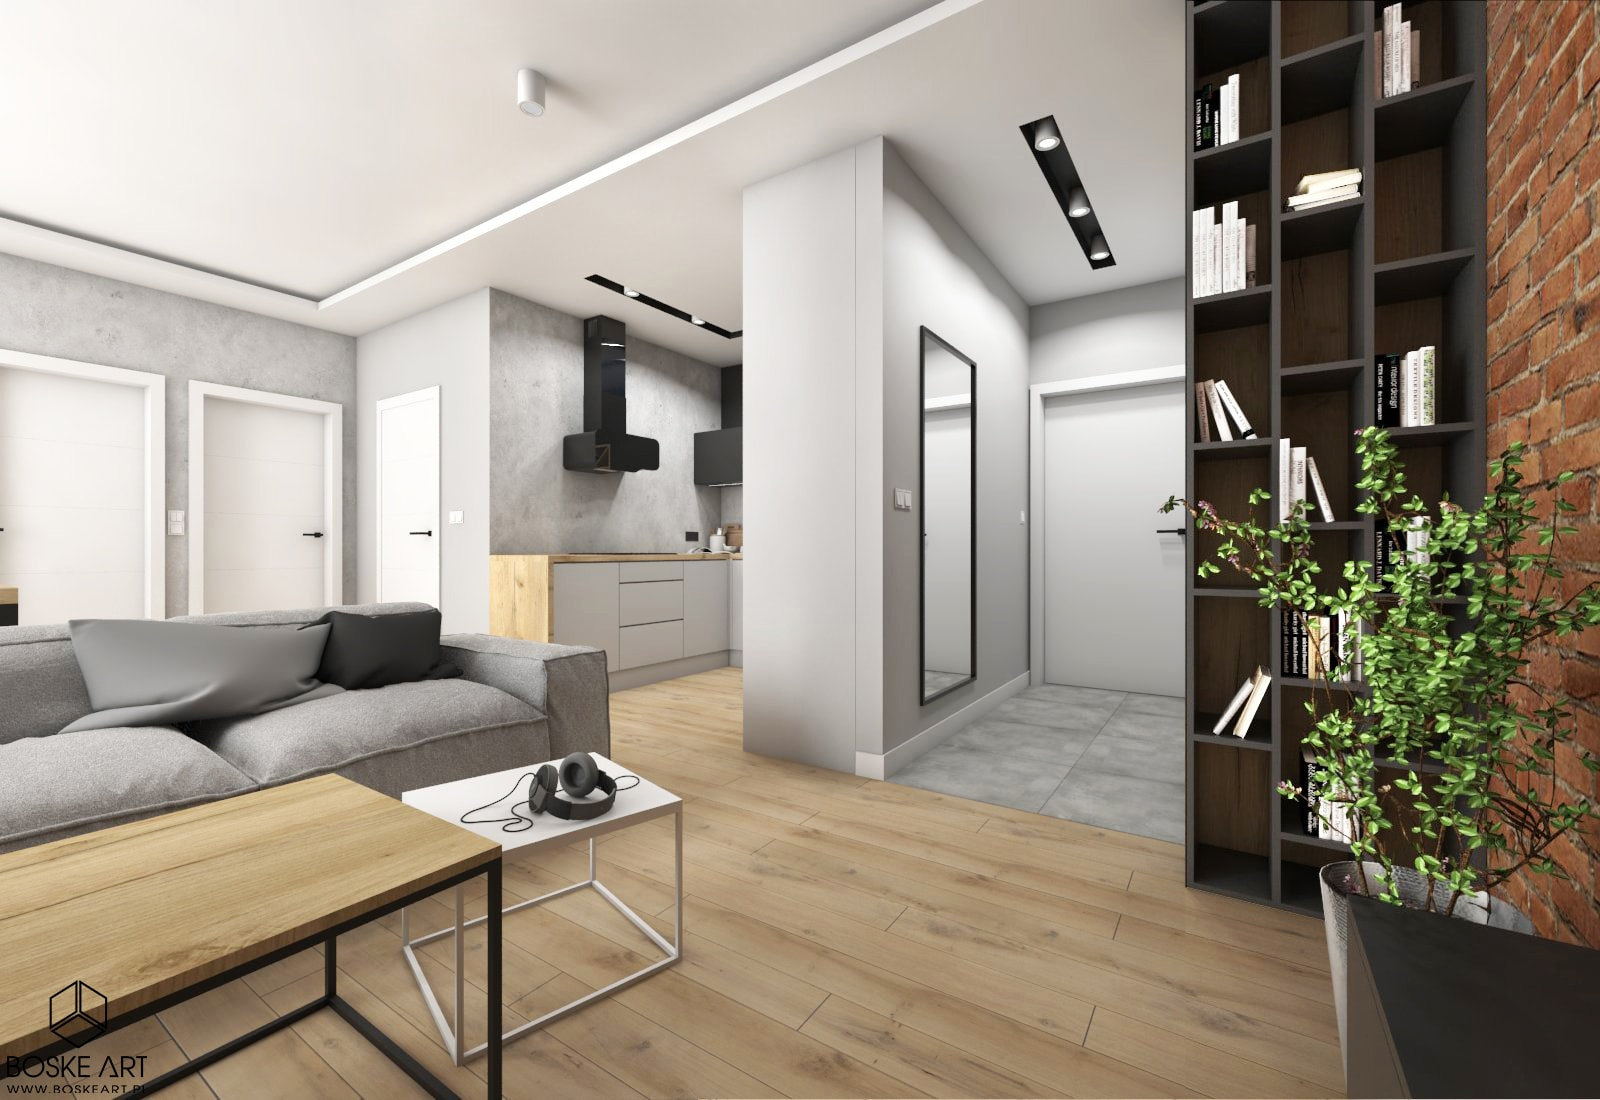 7_mieszkanie_poznan_boske_art_projektowanie_wnetrz_architektura_natalia_robaszkiewicz.jpg-min